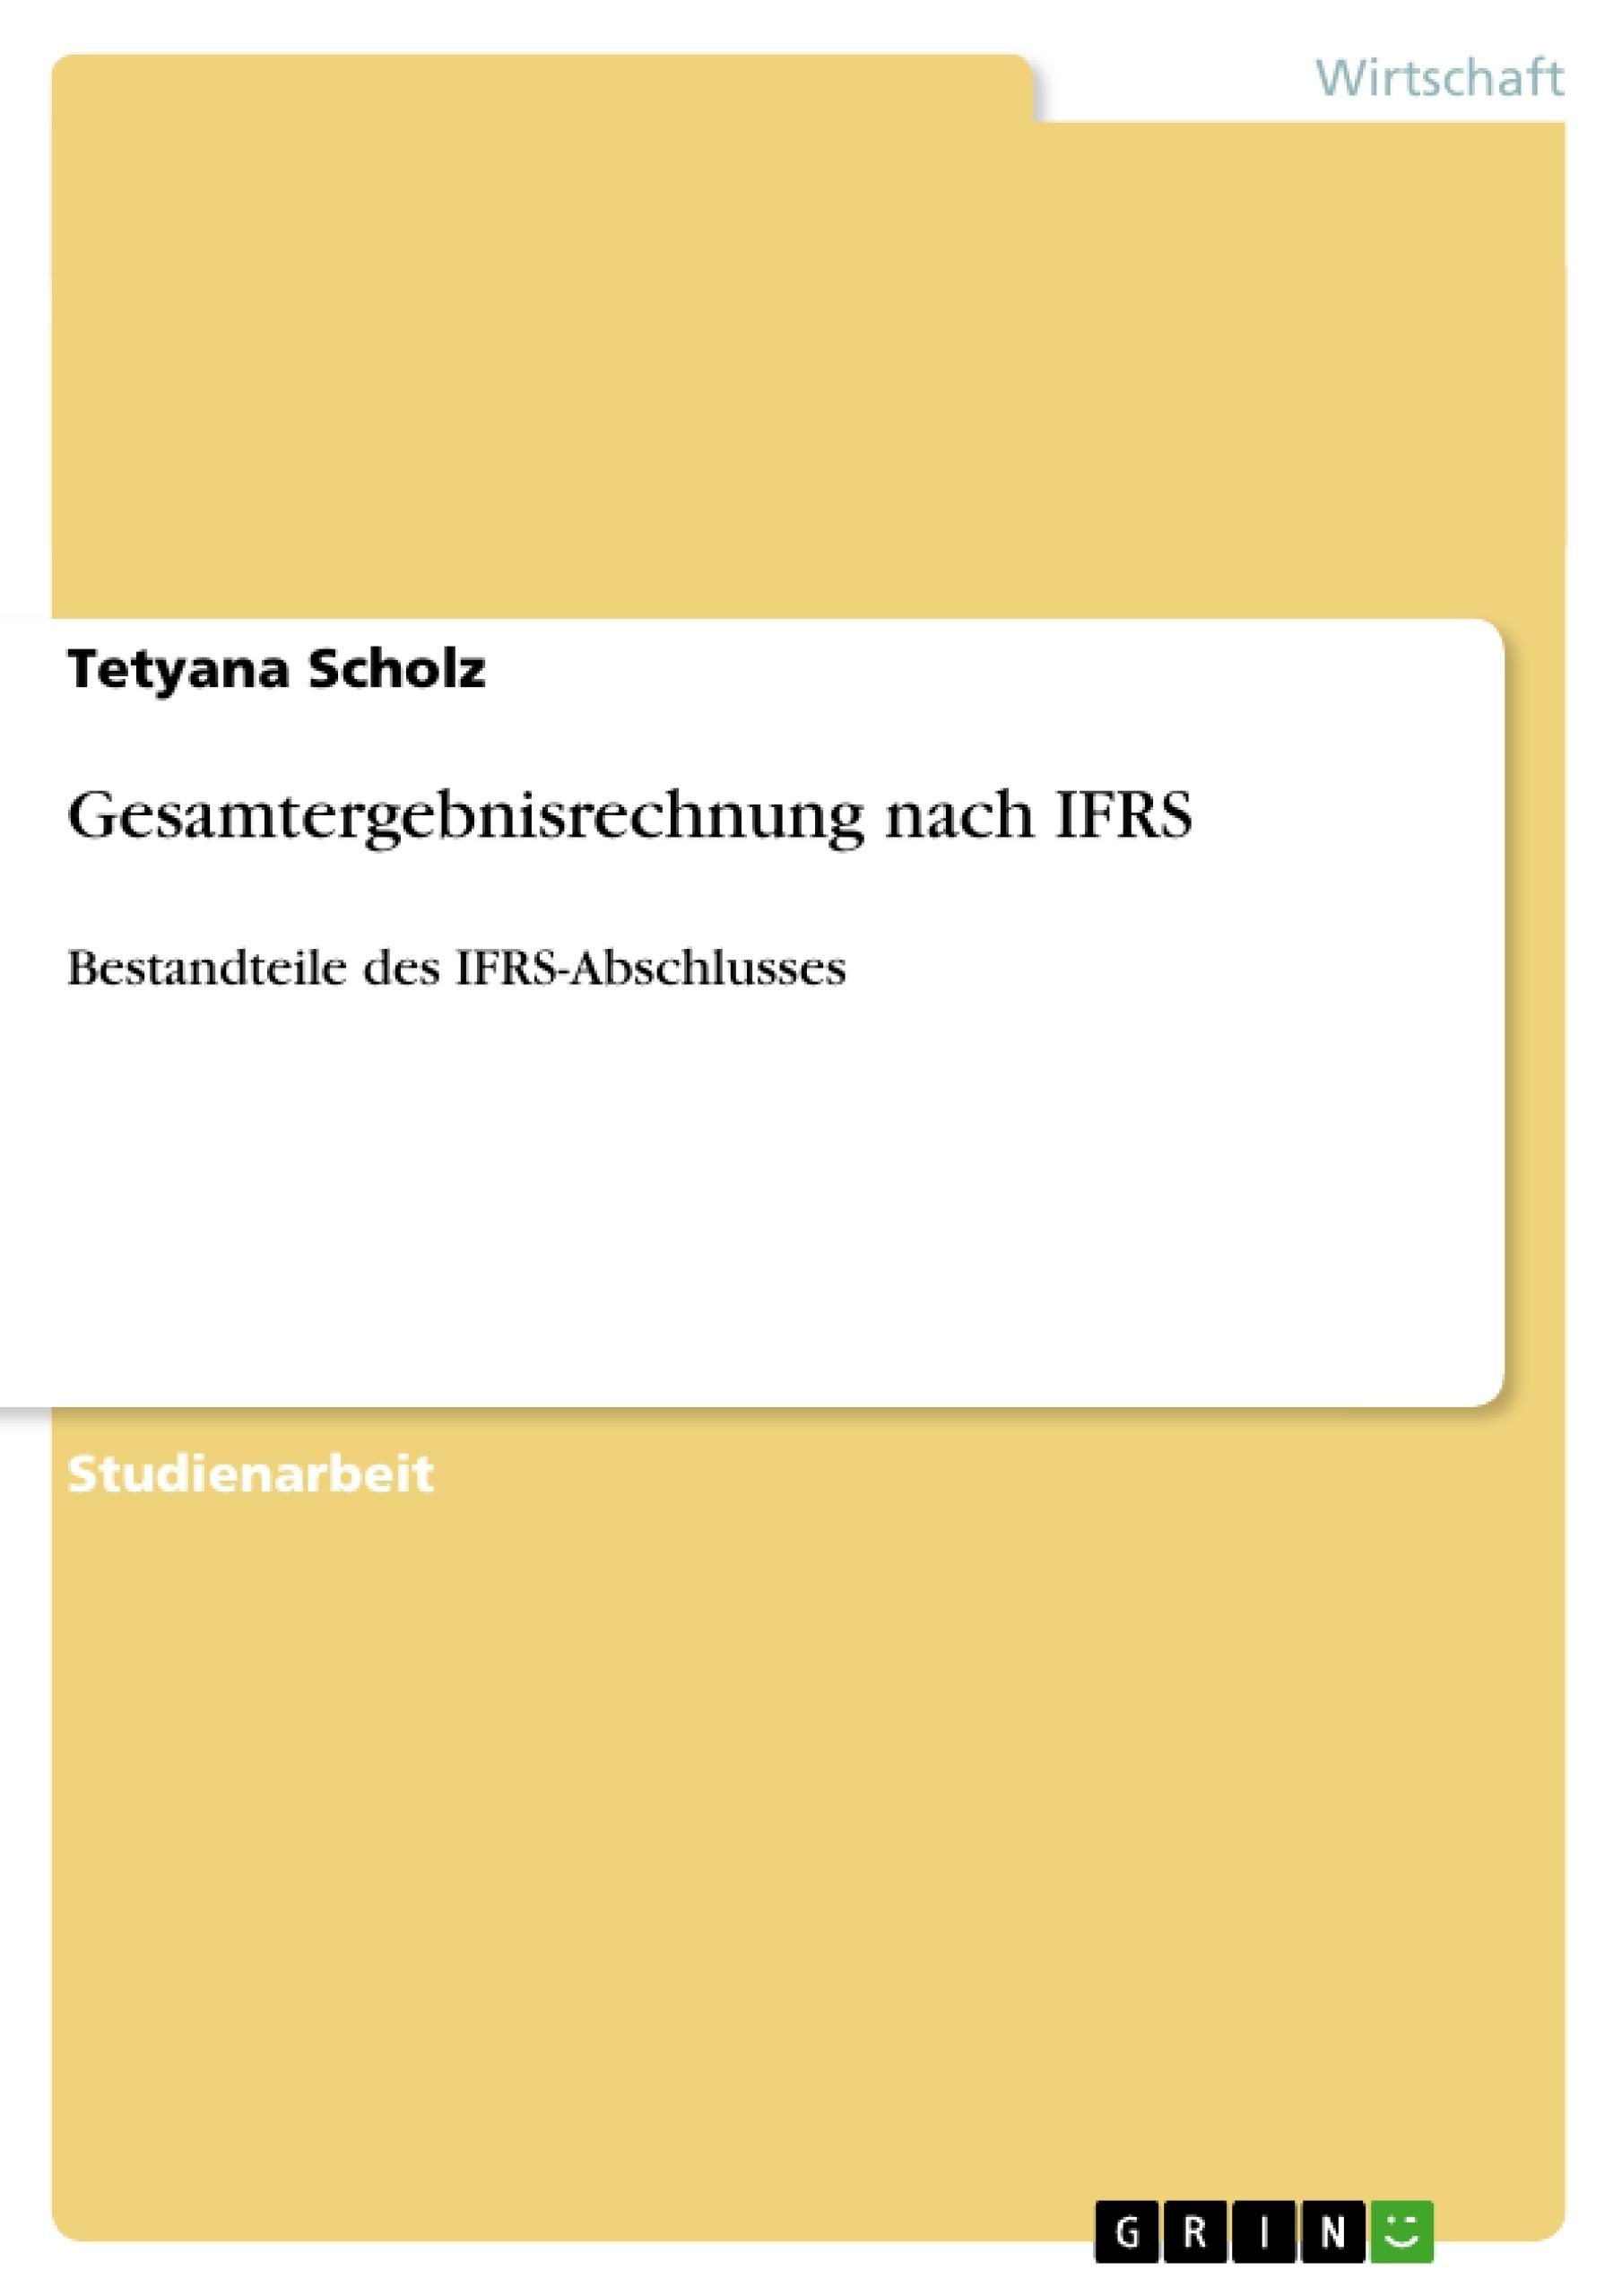 Titel: Gesamtergebnisrechnung nach IFRS